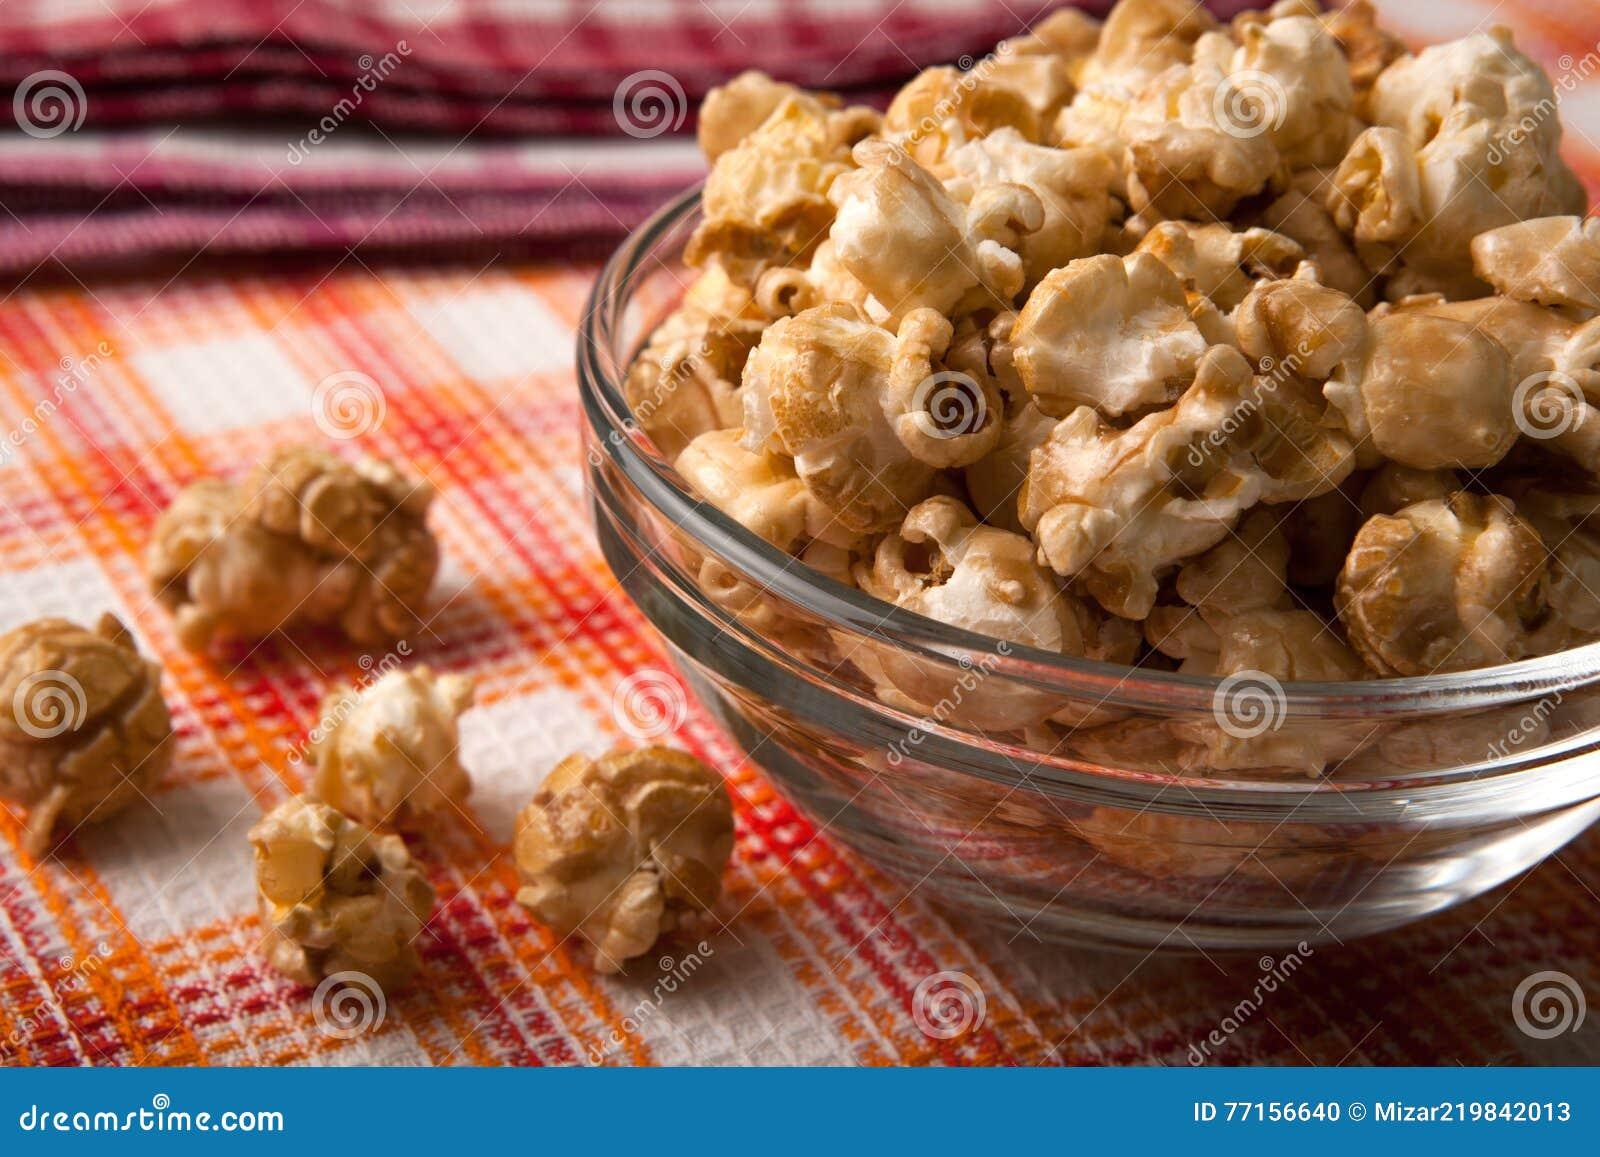 Maïs éclaté de caramel dans un bol en verre sur une serviette